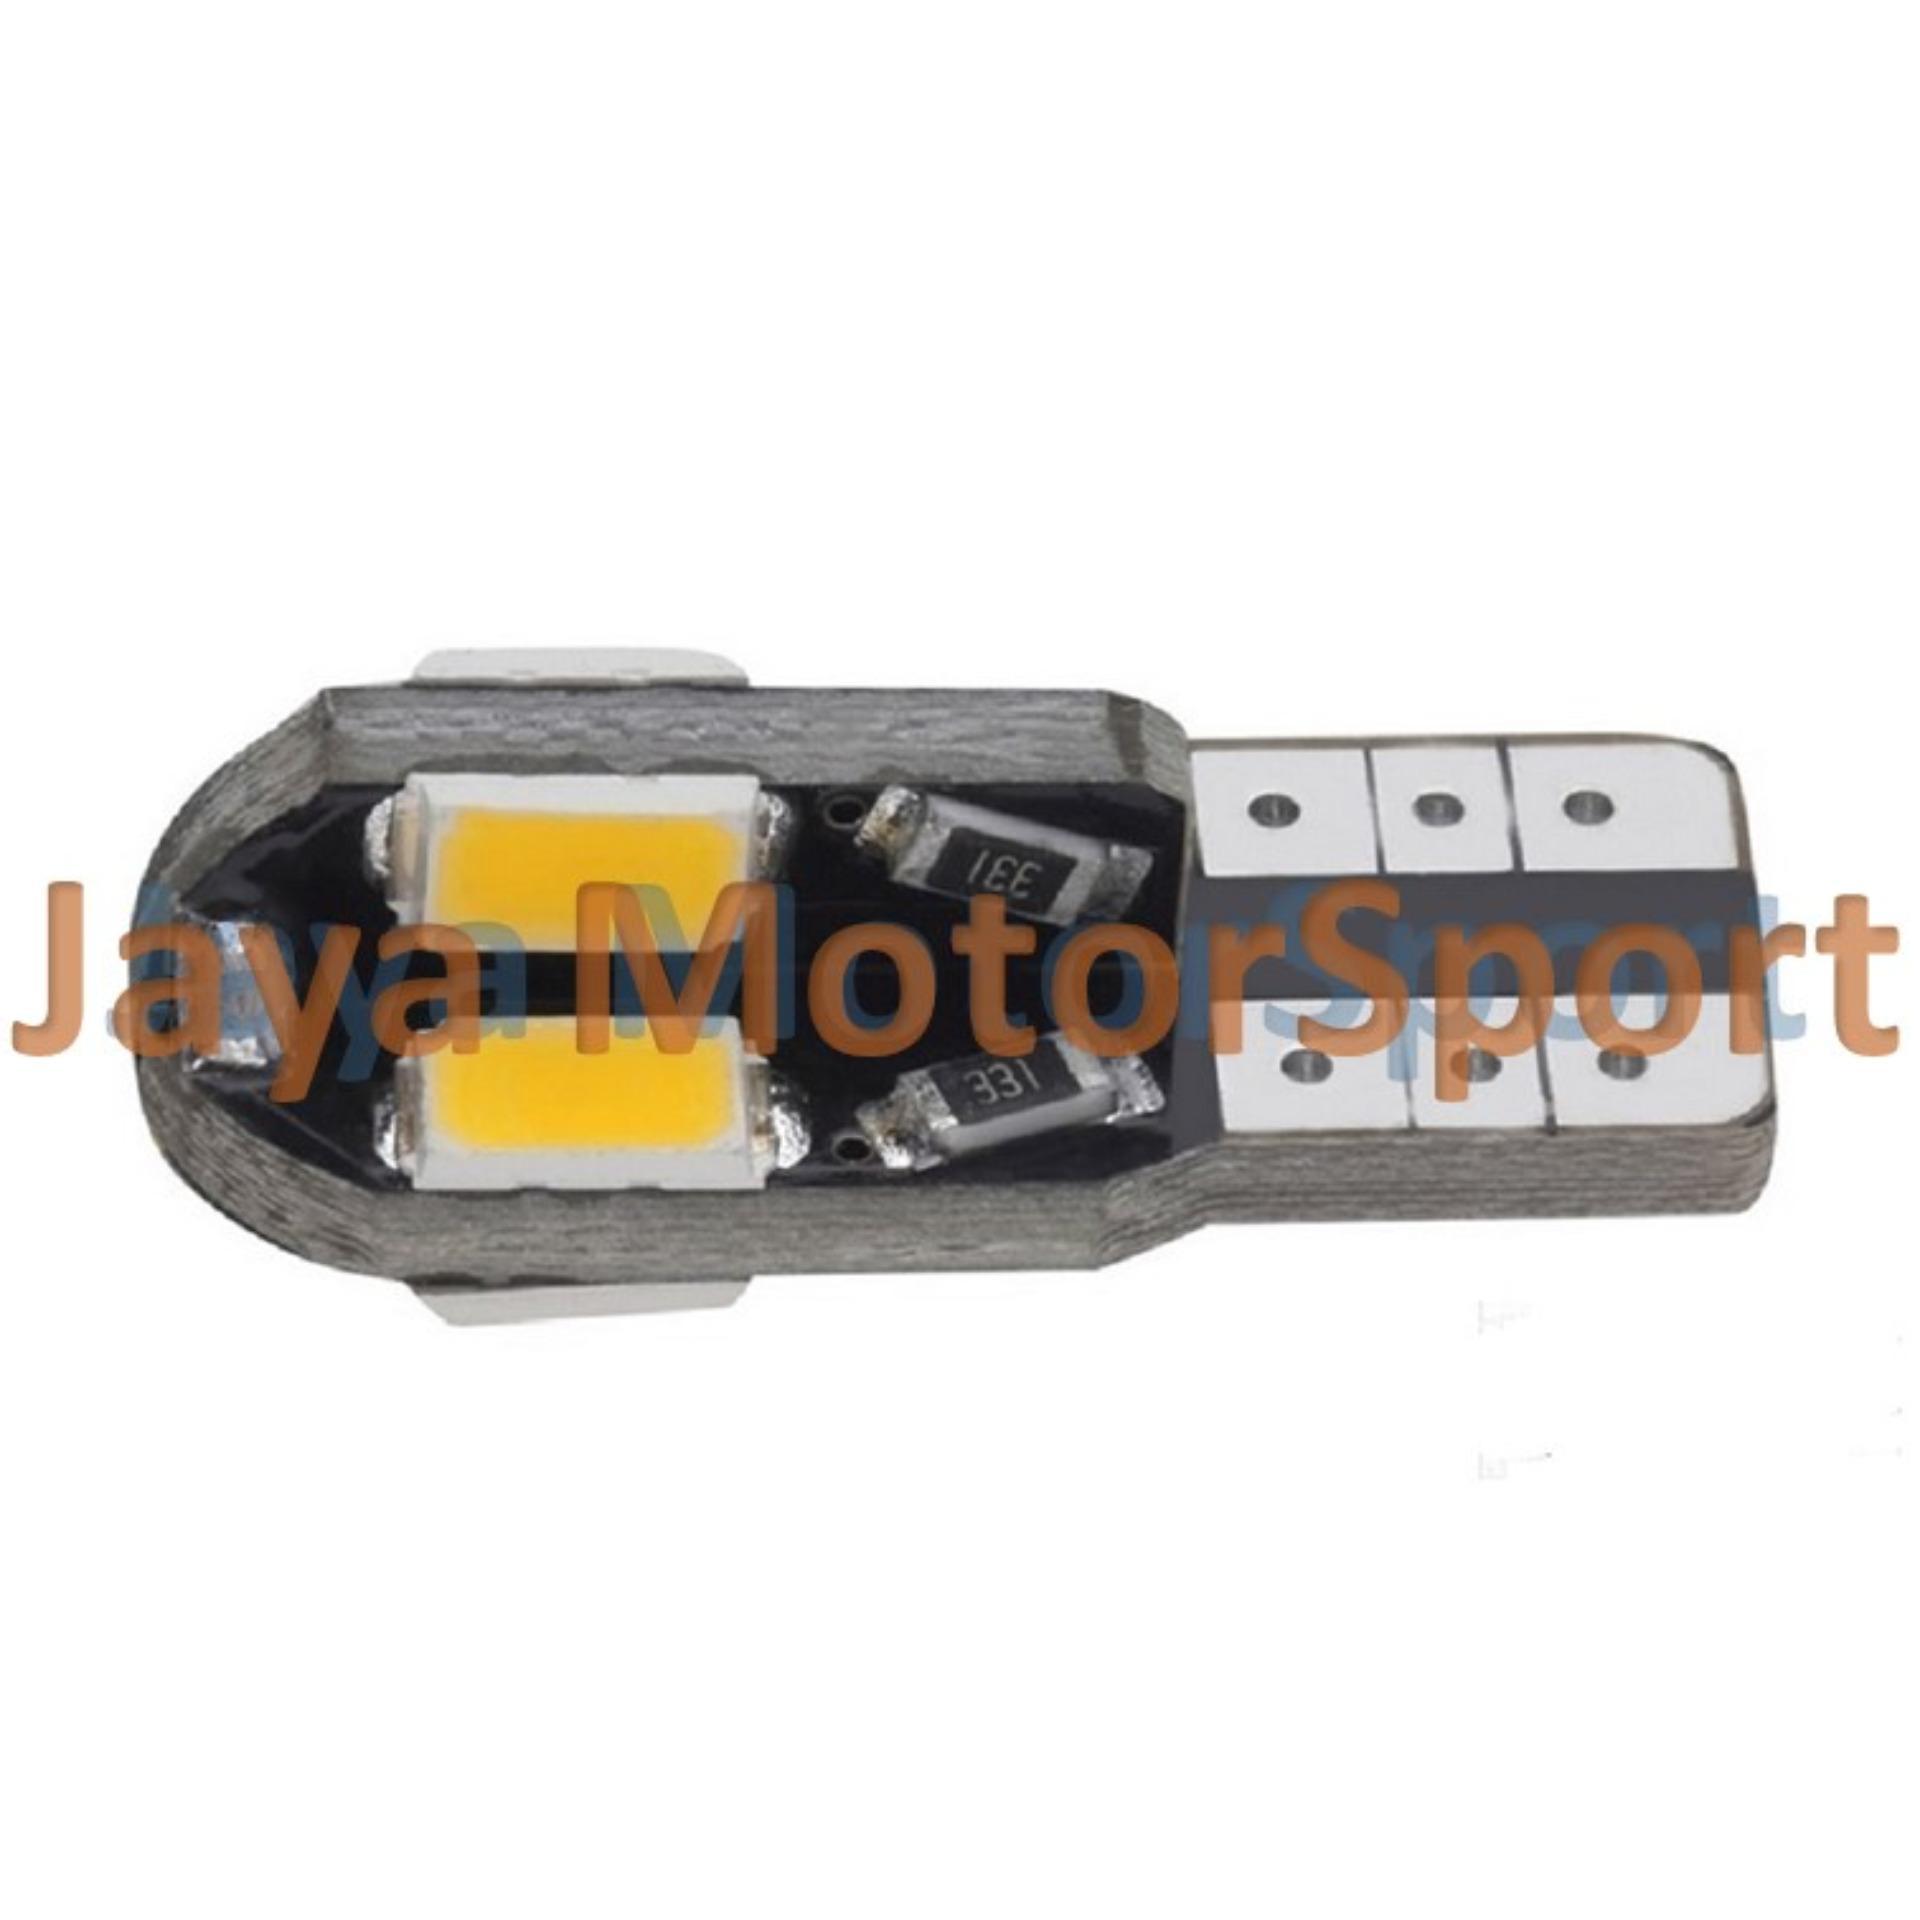 JMS - 1 pcs Lampu LED Senja T10 / Wedge Side Canbus 8 .